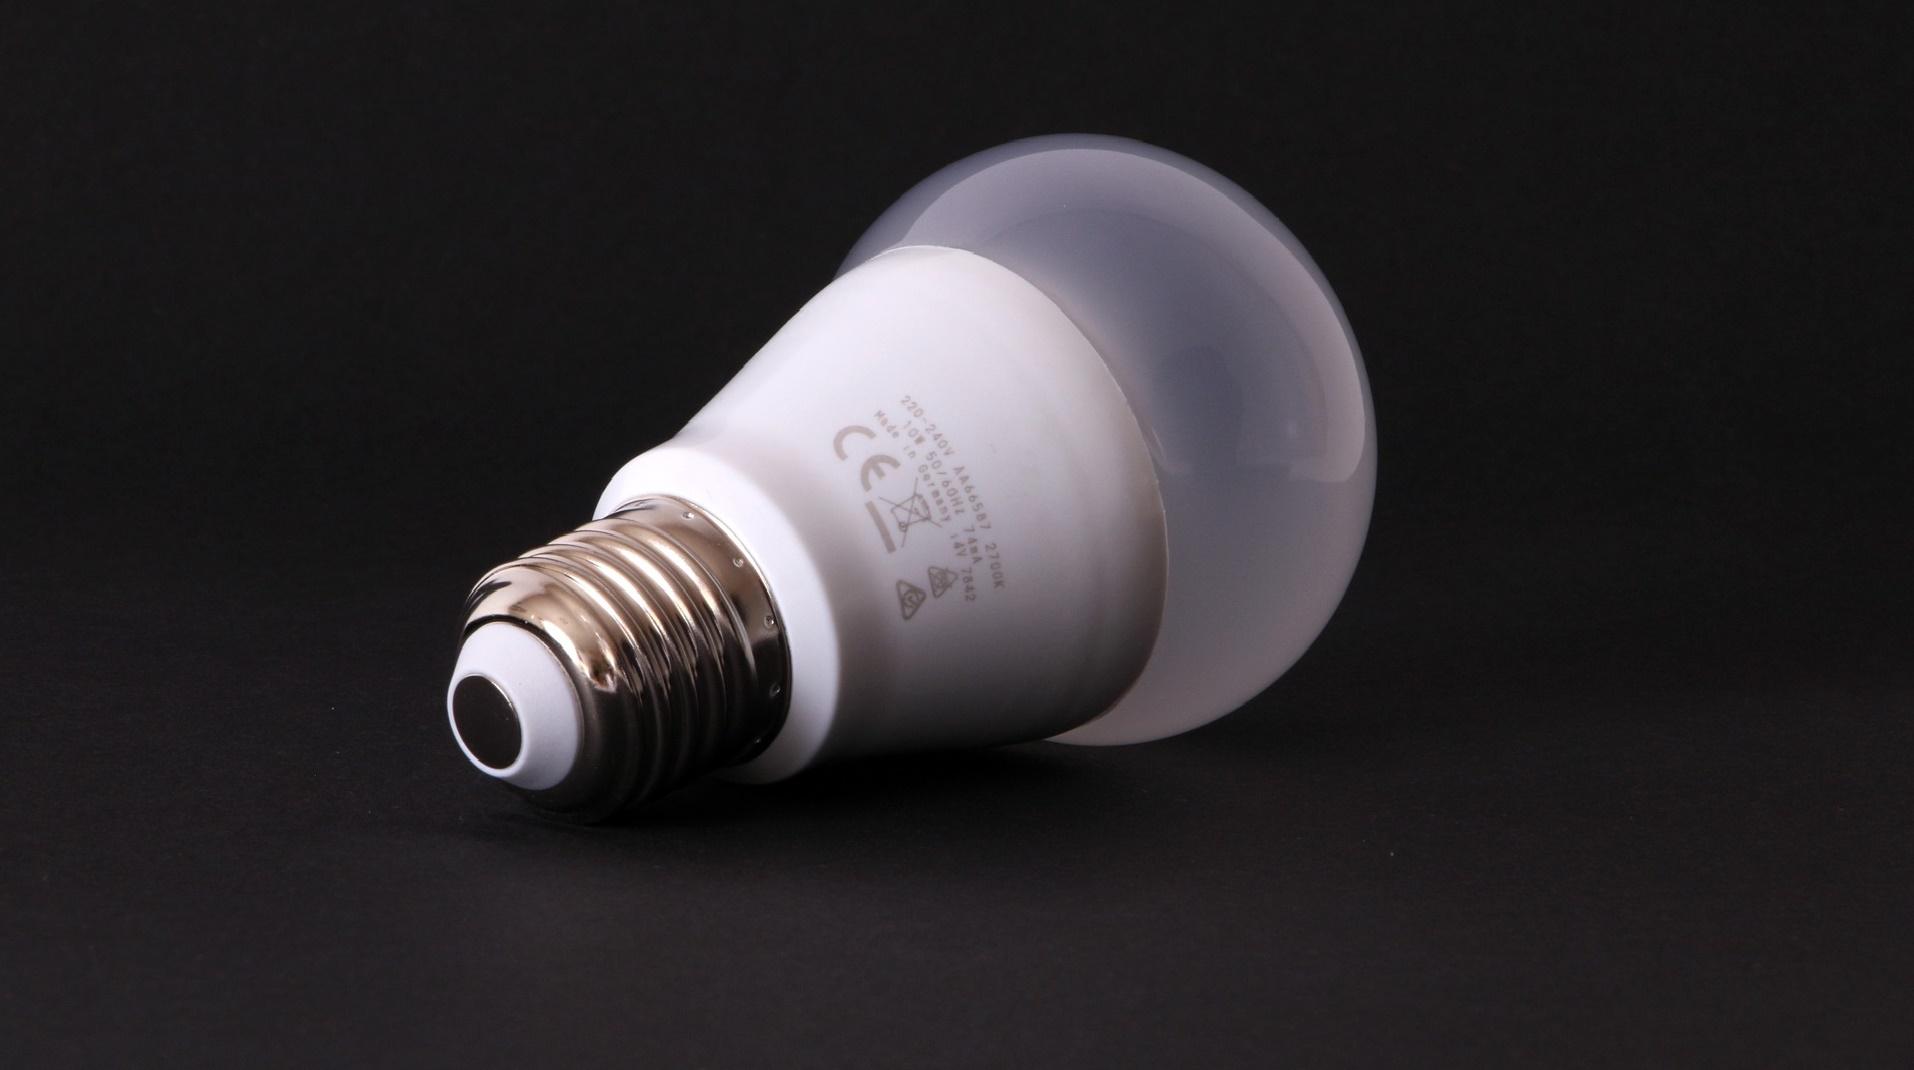 Aydınlatmada enerji verimliliği... LED lambalar cıva veya başka tehlikeli  kimyasal içermez